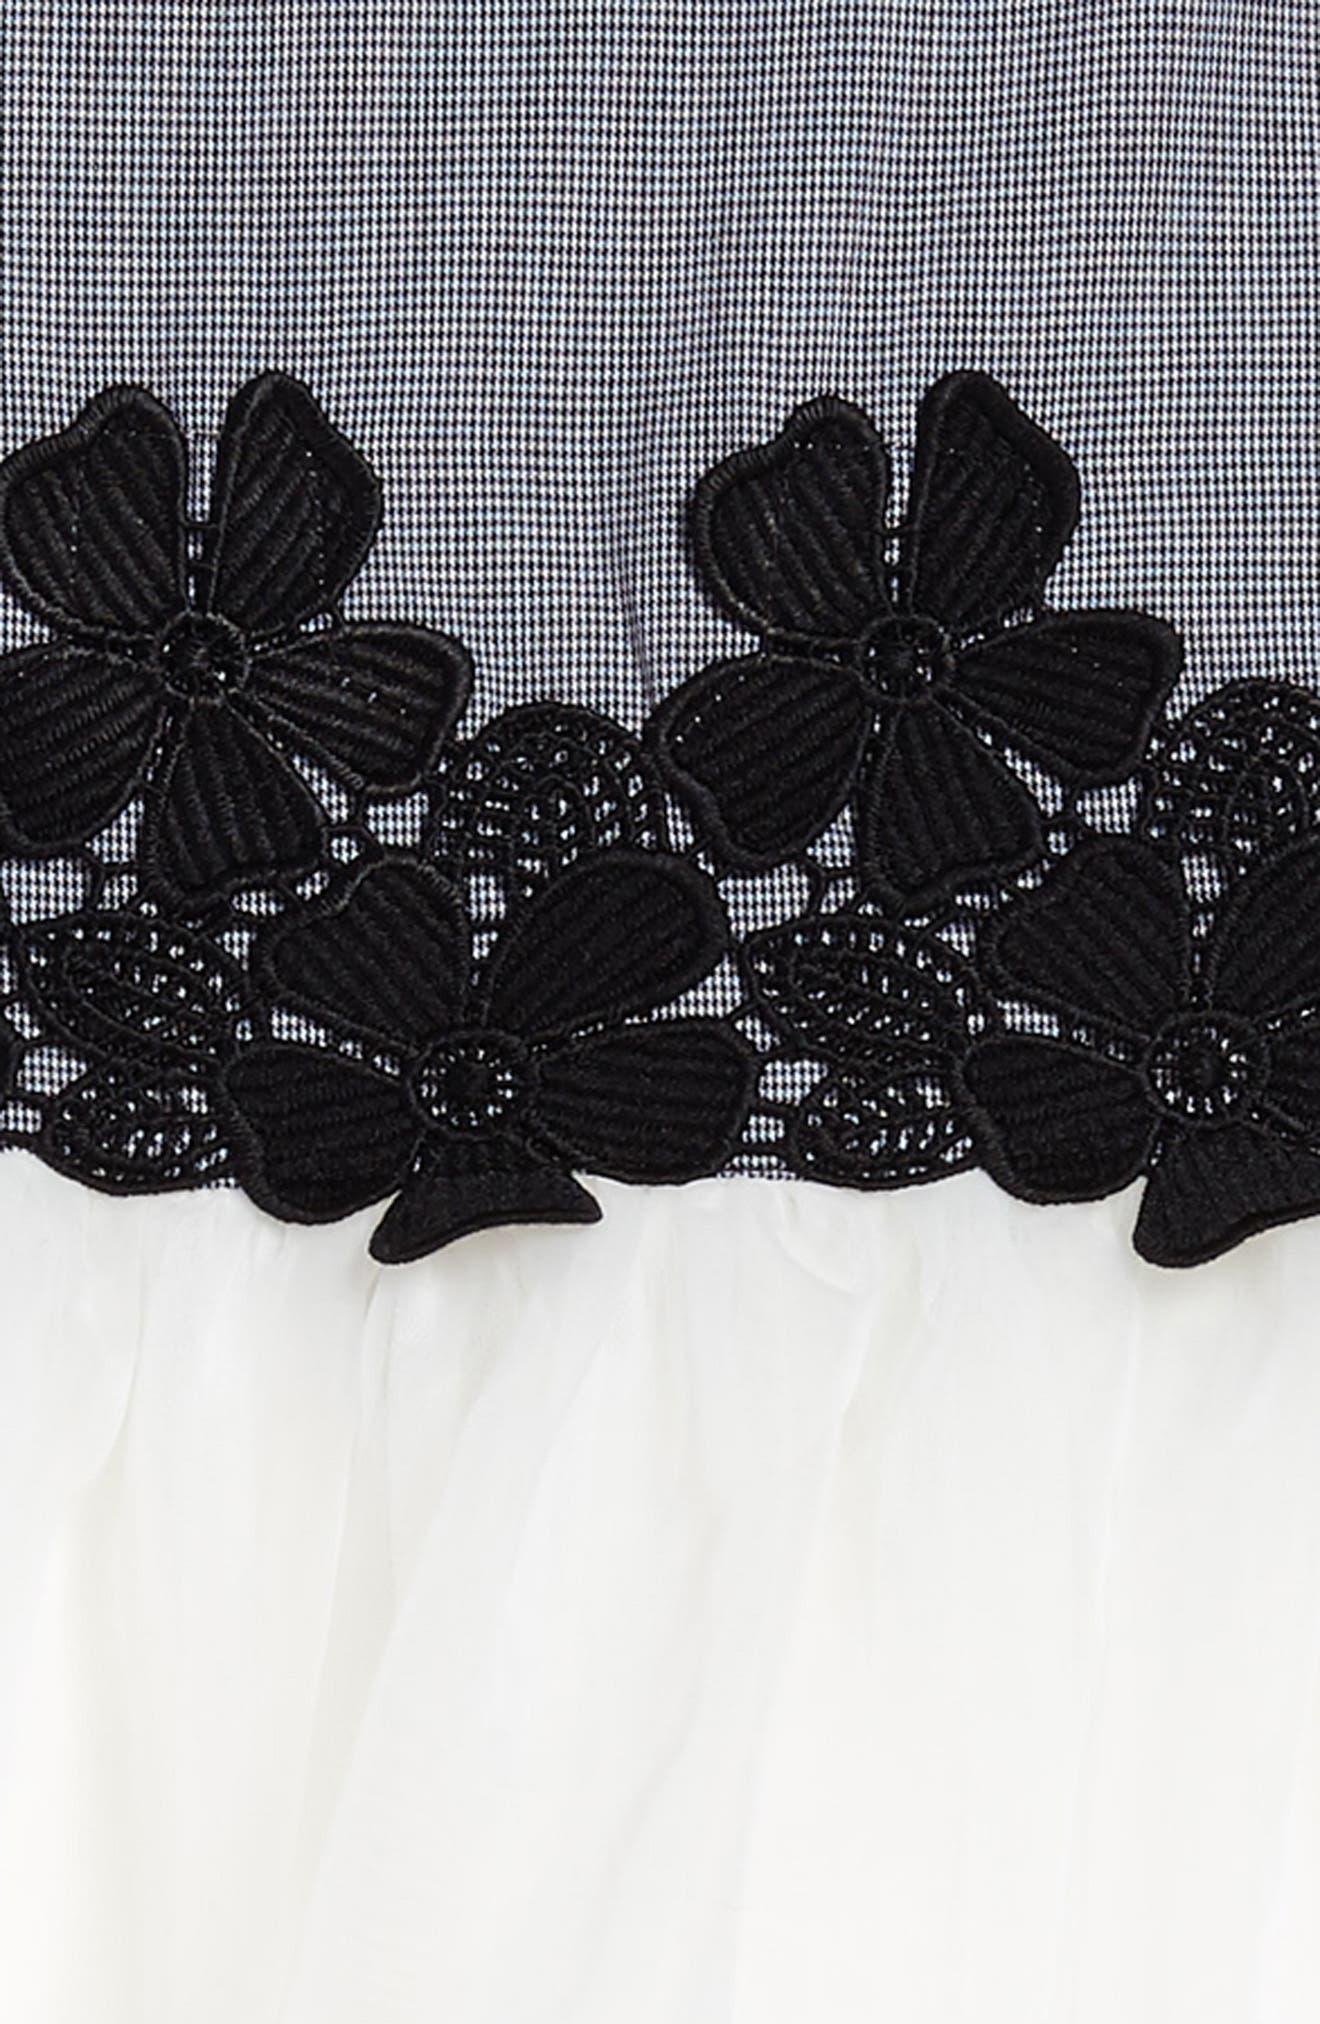 Mini Houndstooth & Tulle Dress,                             Alternate thumbnail 3, color,                             Black/ White